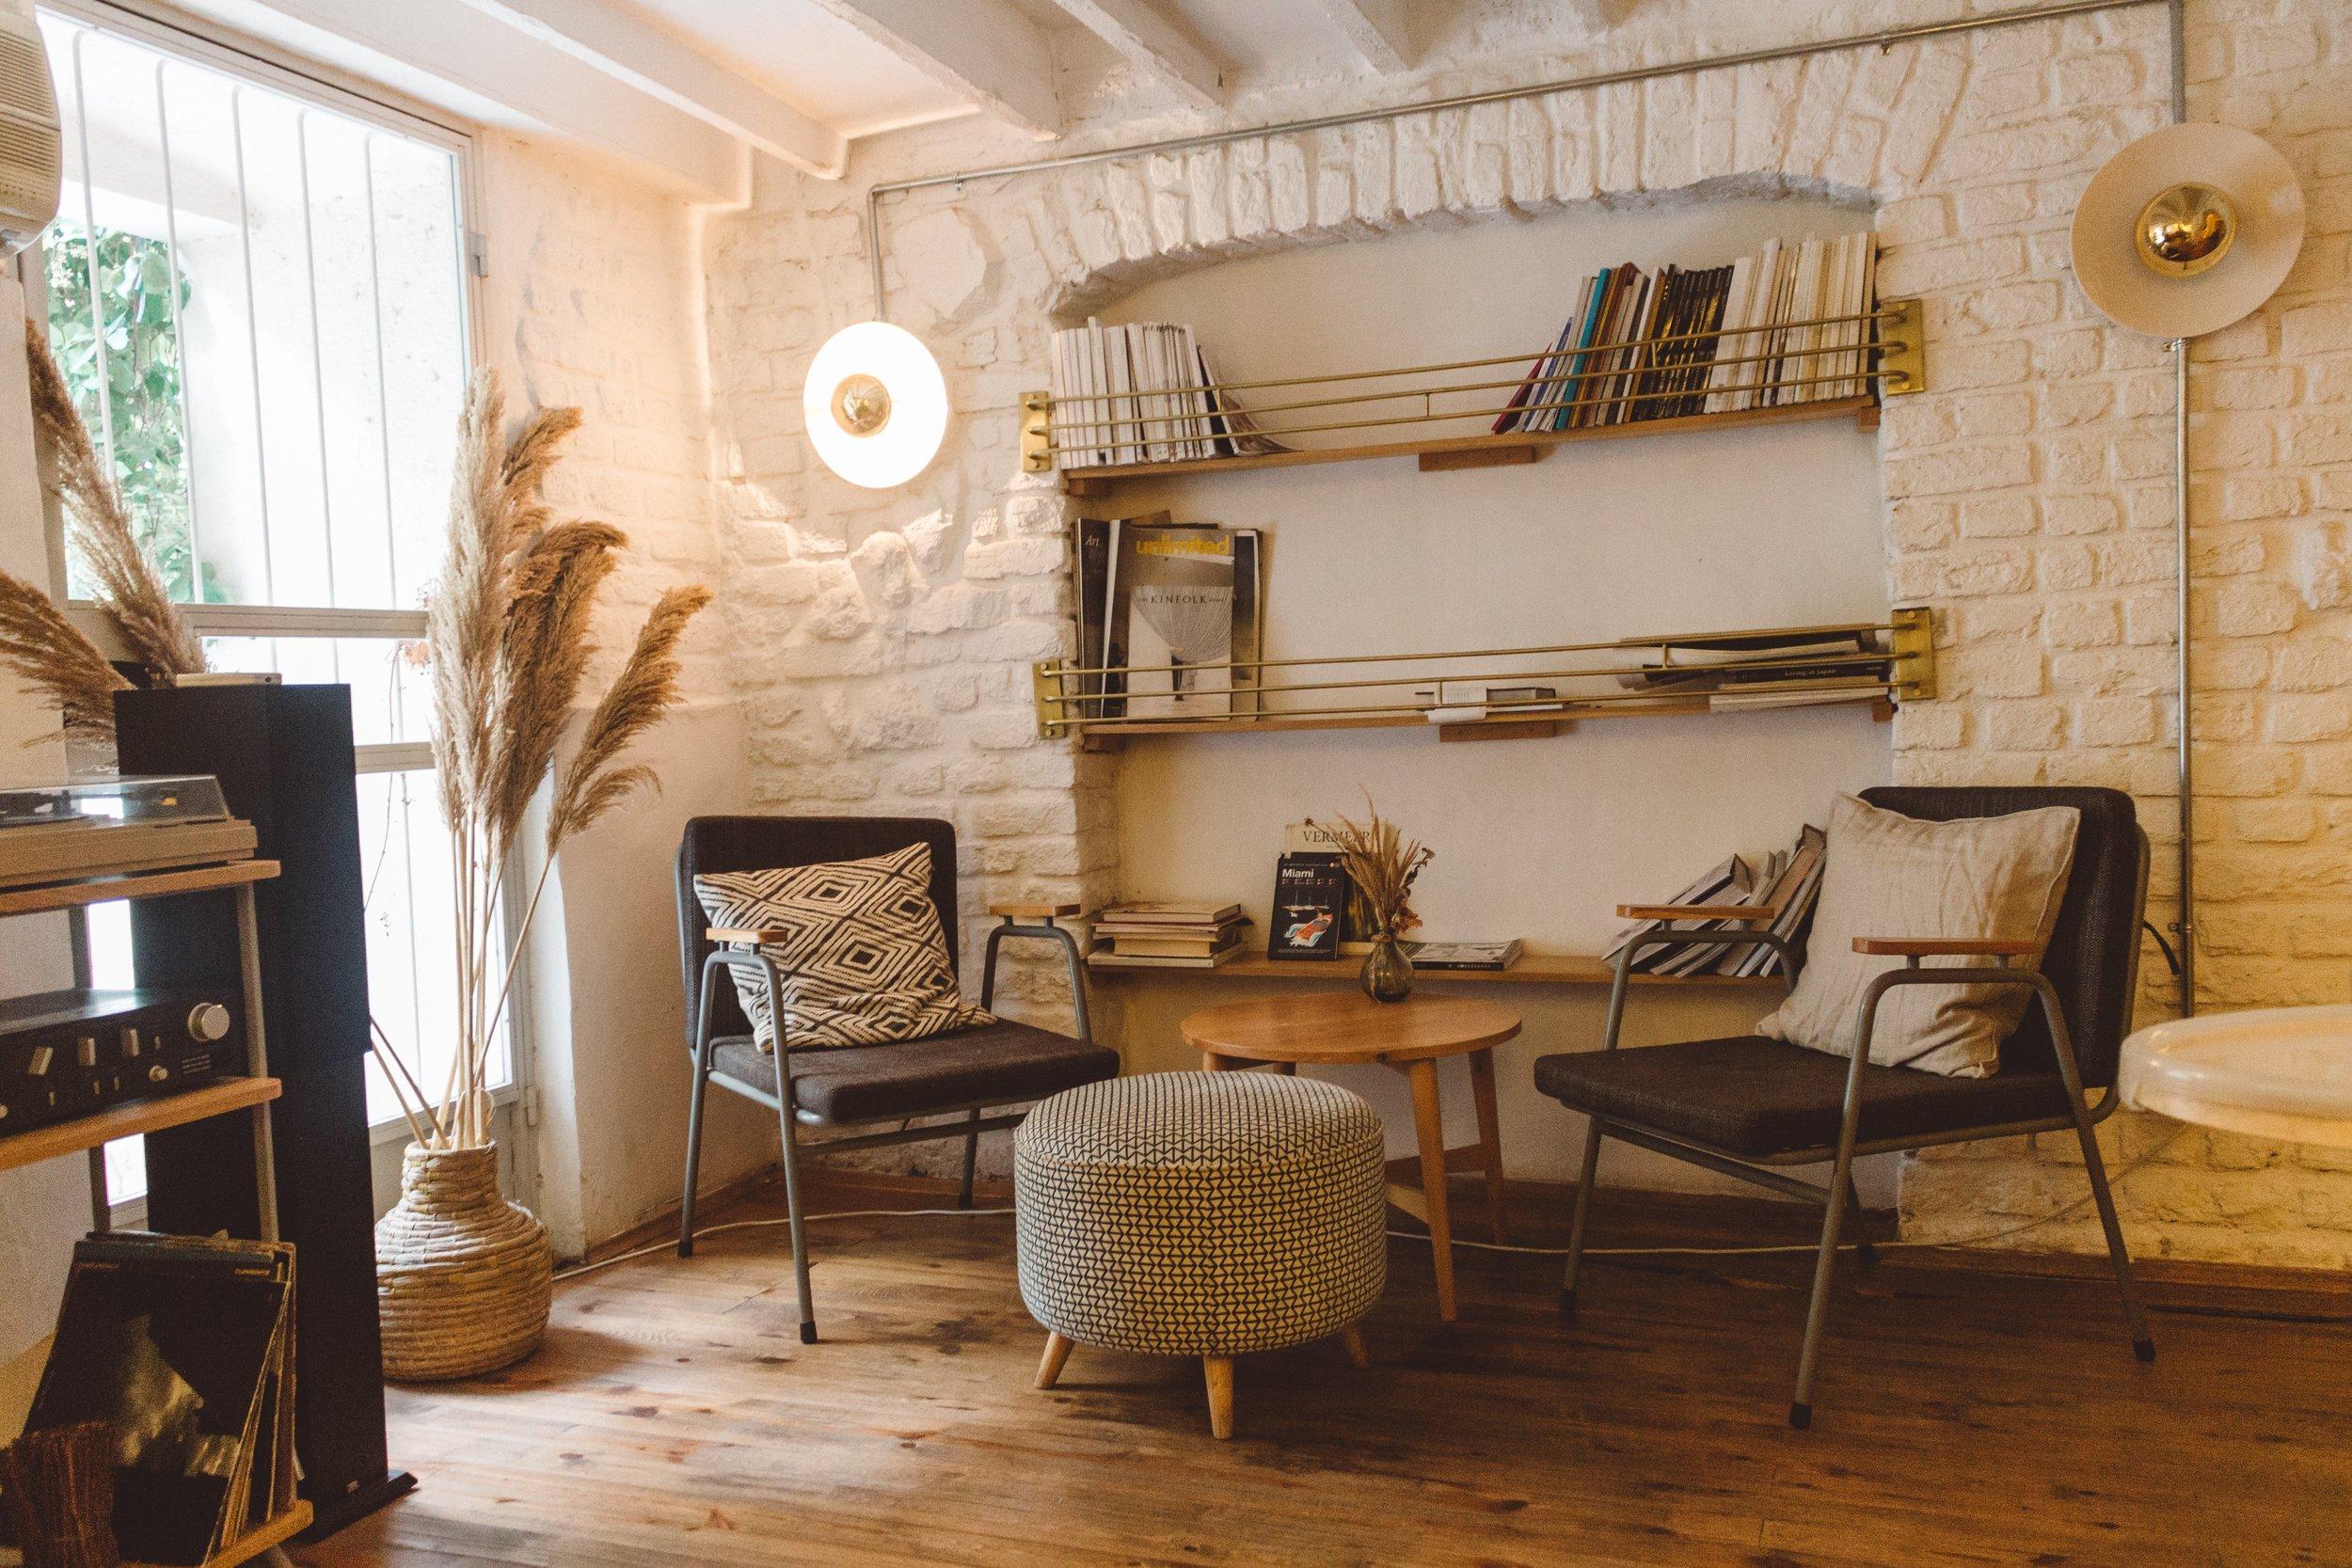 apartment-books-chairs-2079246.jpg